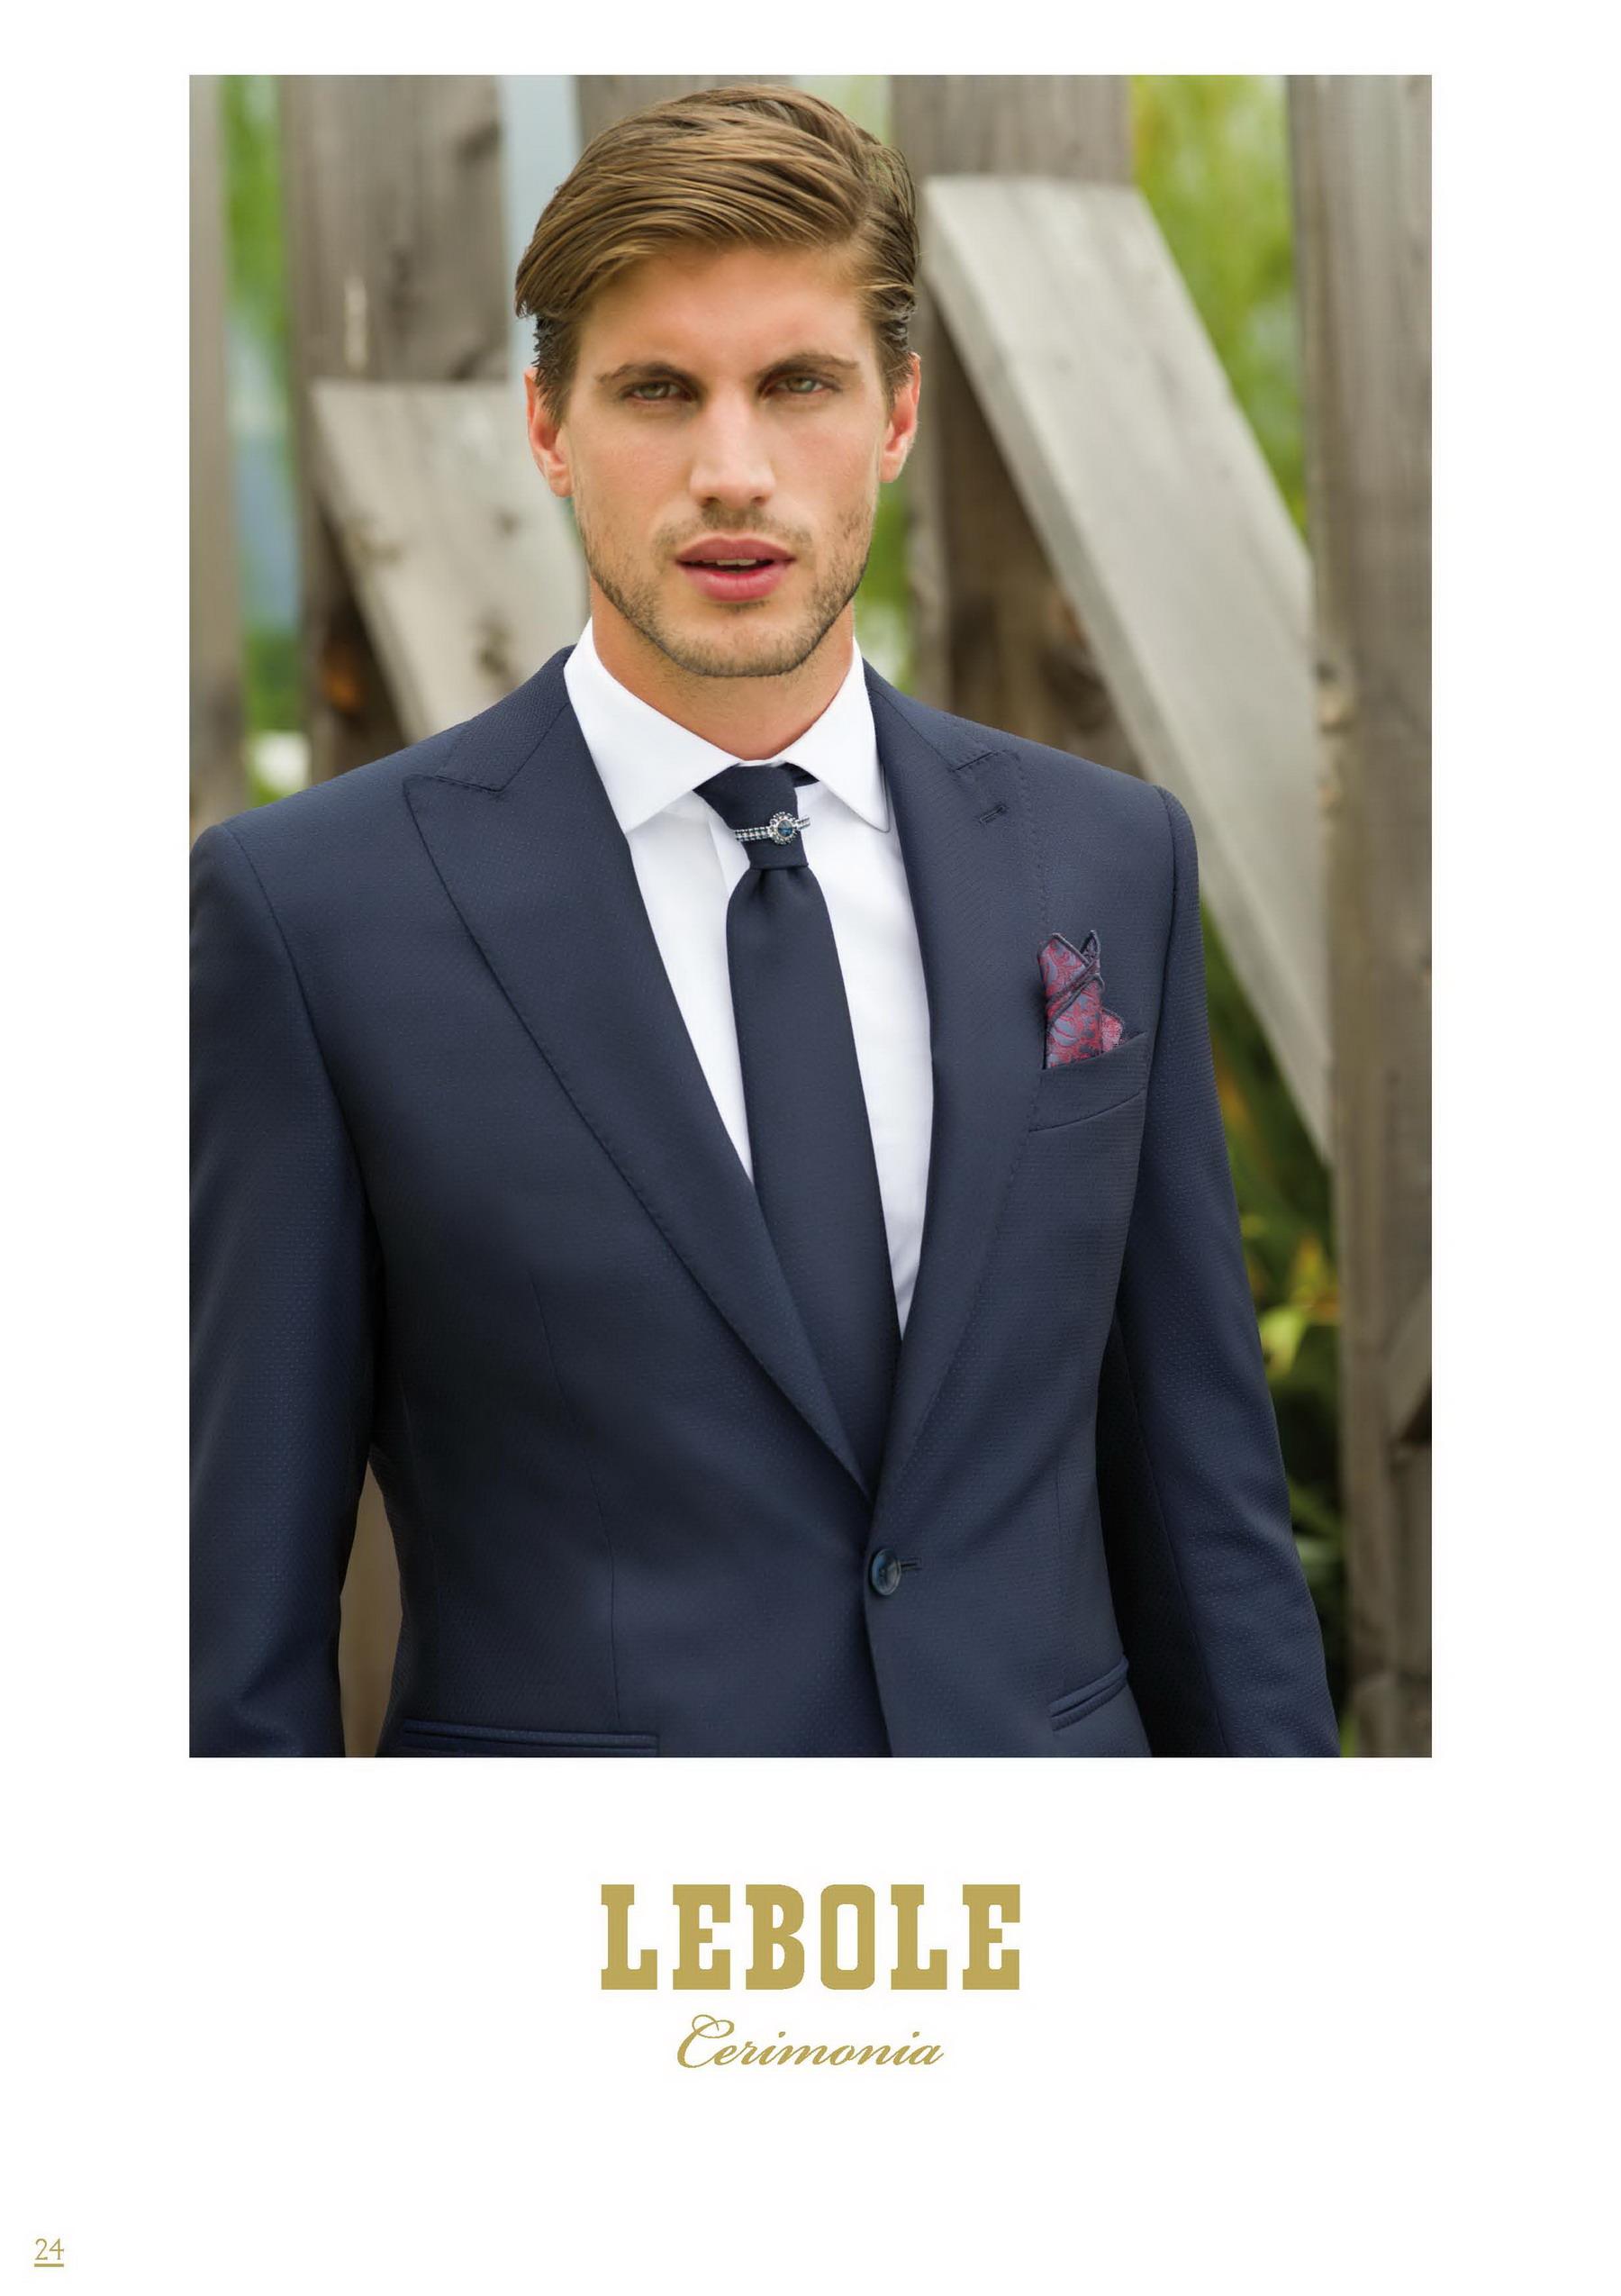 cerimonia-lebole-2018_Pagina_24